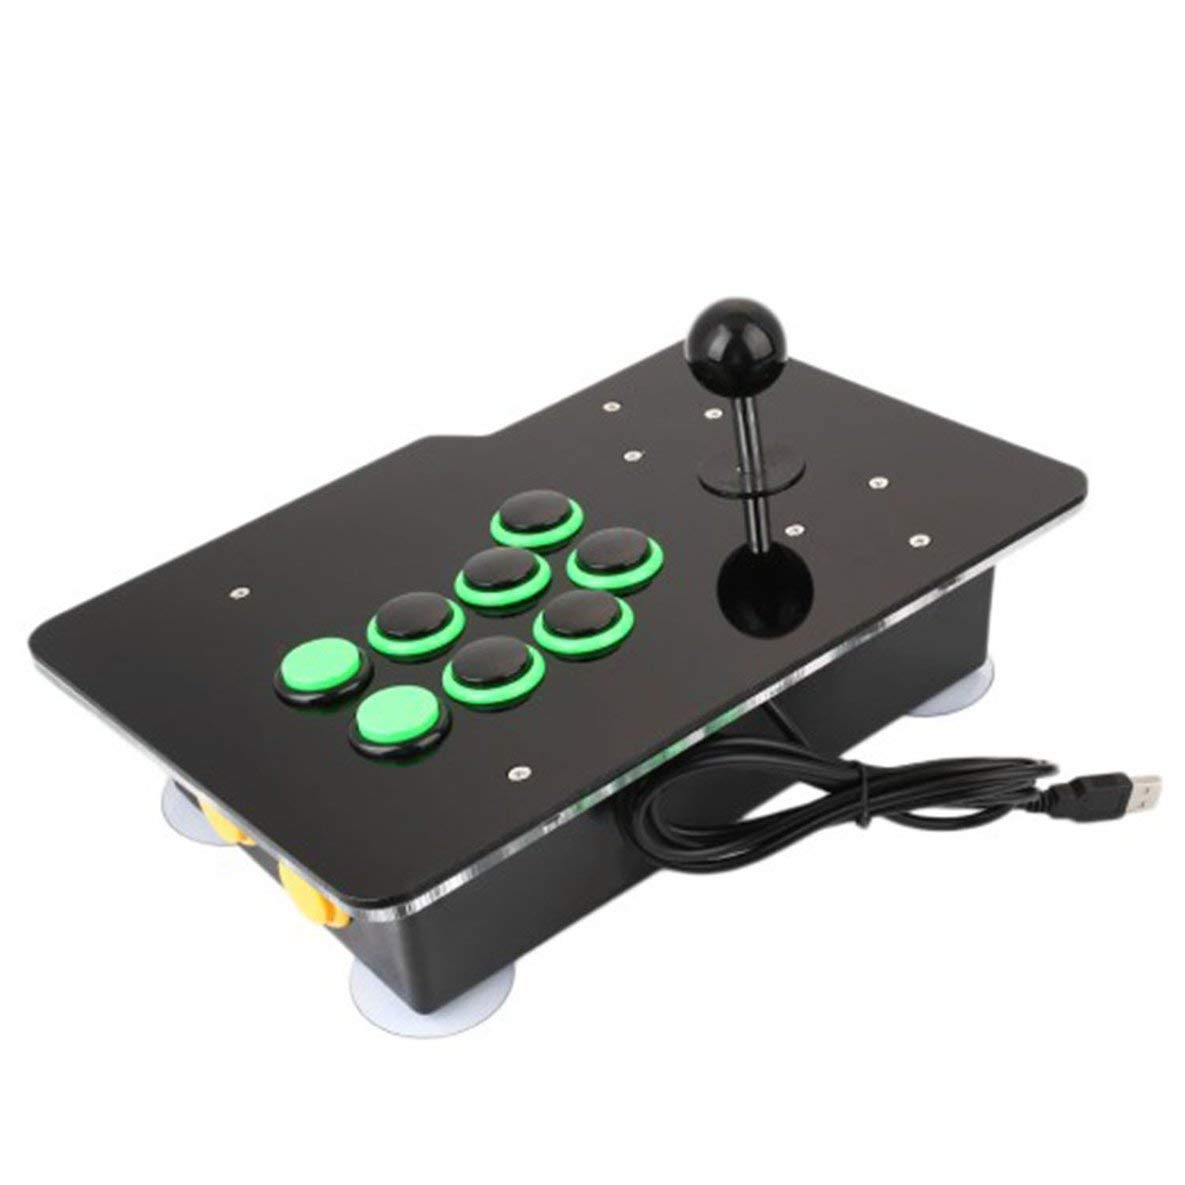 Moliies Arcade Videospielkonsole, Arcade Spiel Retro Konsole Spiele vorinstalliert All In One 8 Tasten Plug & Play Single Edition